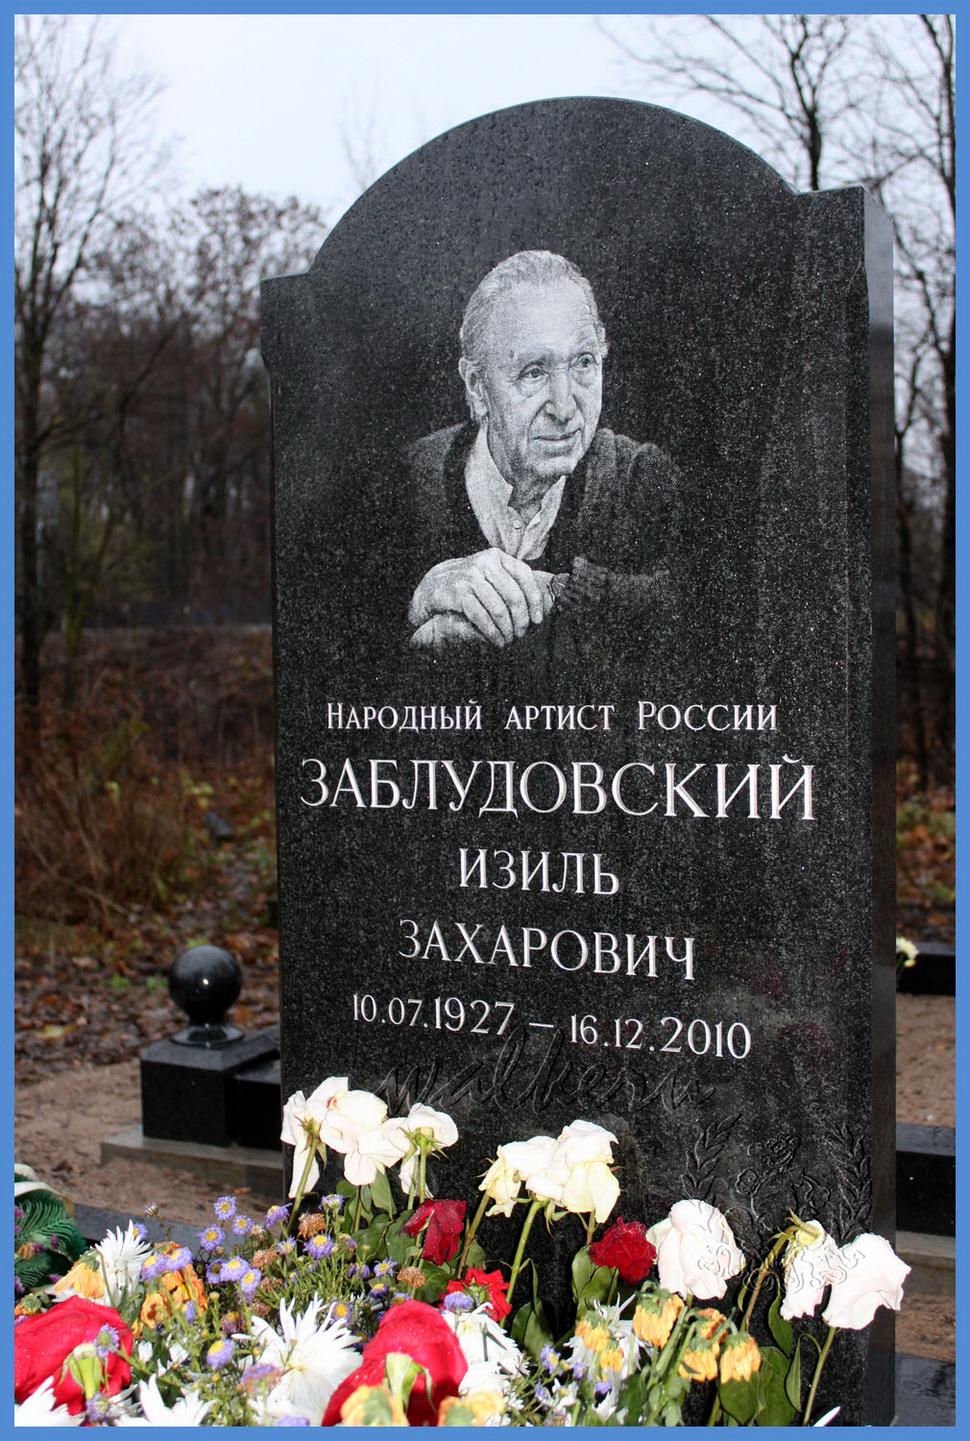 Могила Заблудовского И.З. на Волковском кладбище